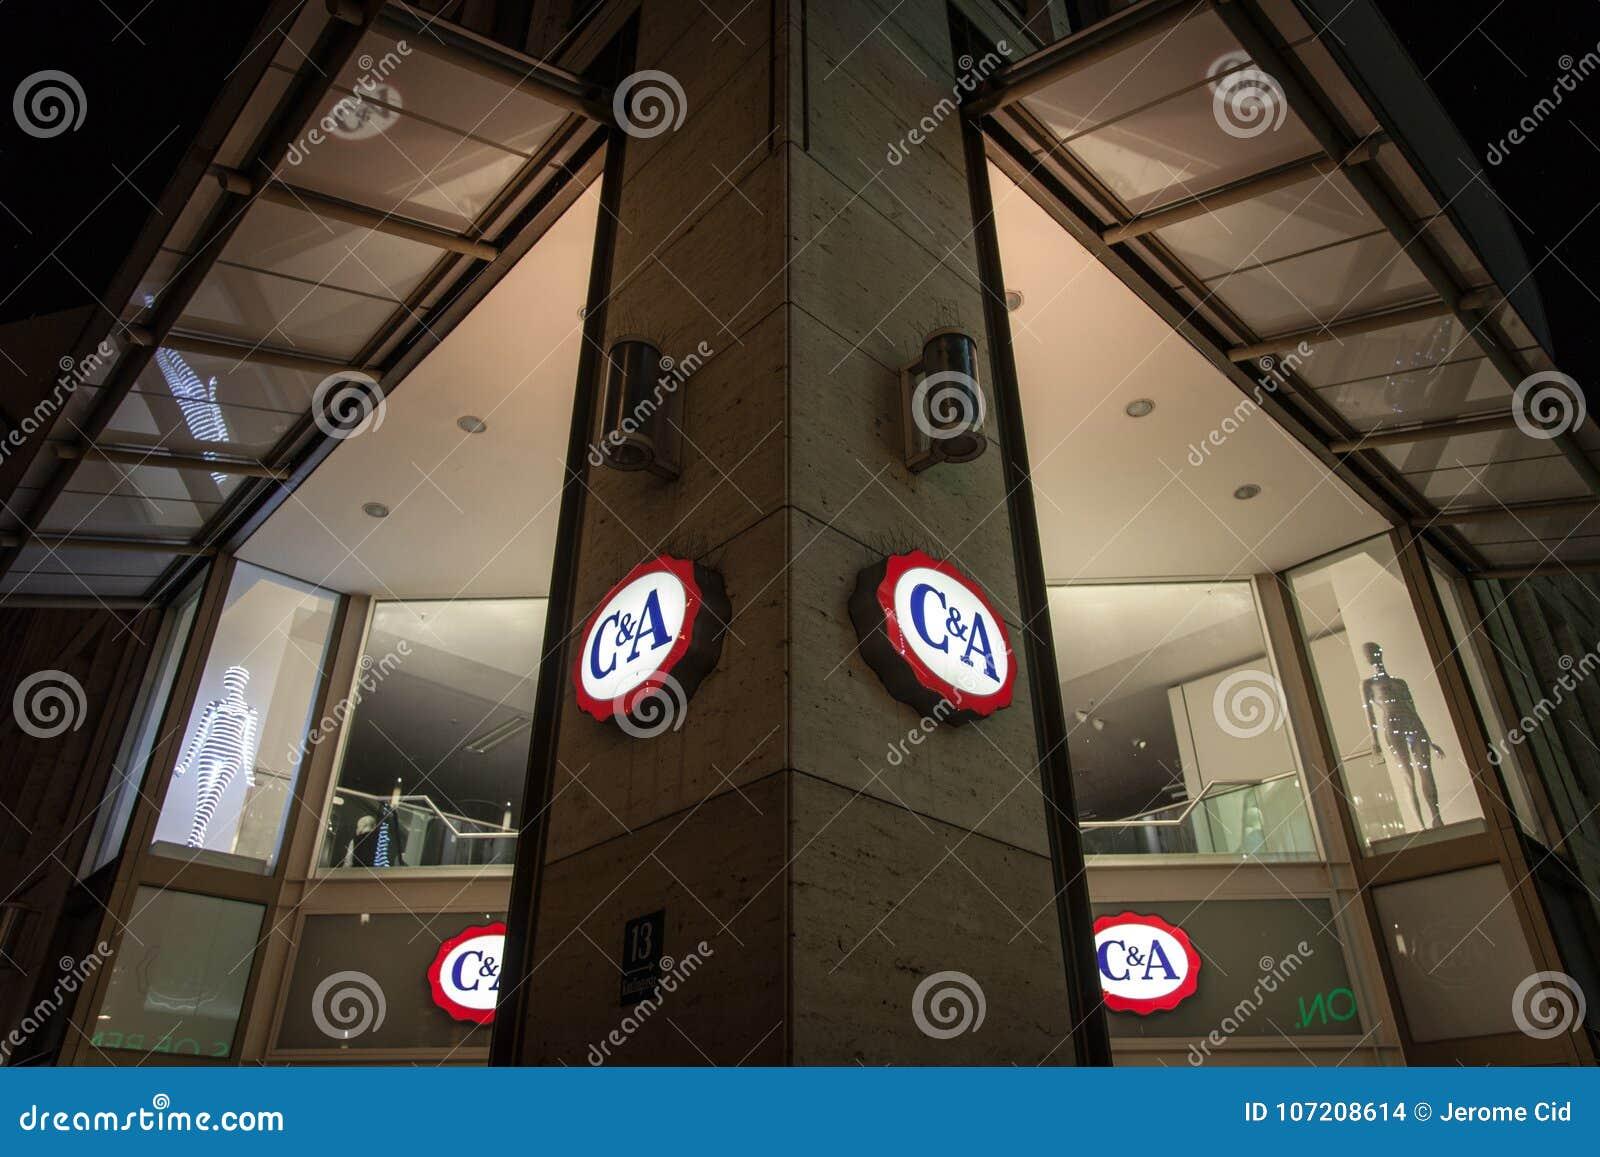 Logotipo De C A En Su Tienda De Munich Tomada Durante Una Noche Nevosa R Imagen De Archivo Editorial Imagen De Nevosa Munich 107208614